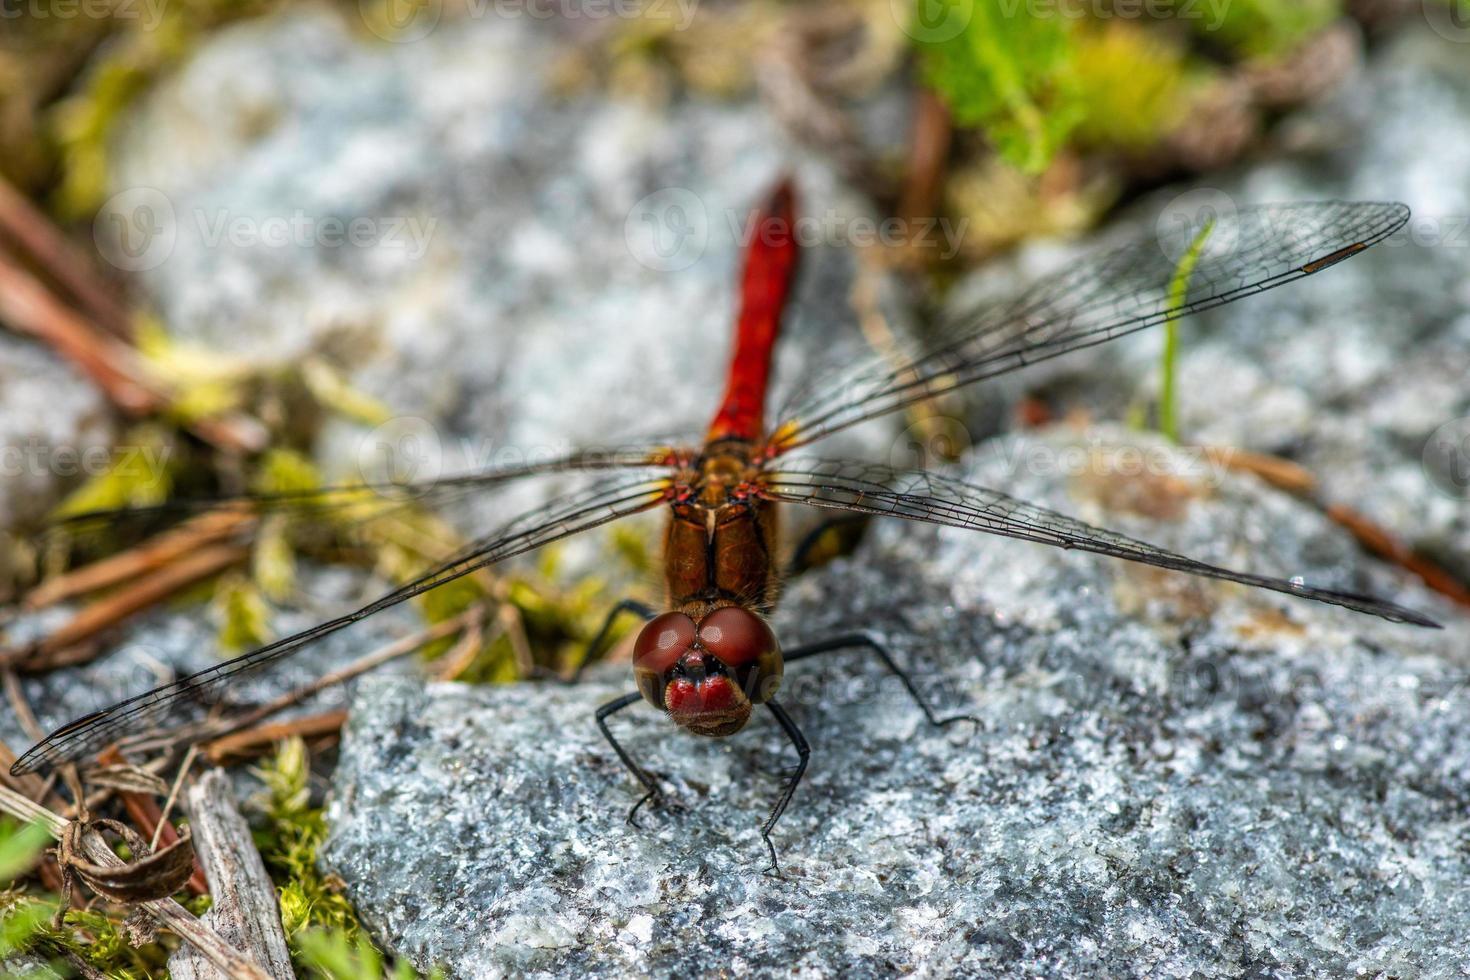 Primer plano detallado de una libélula dardo rojizo foto